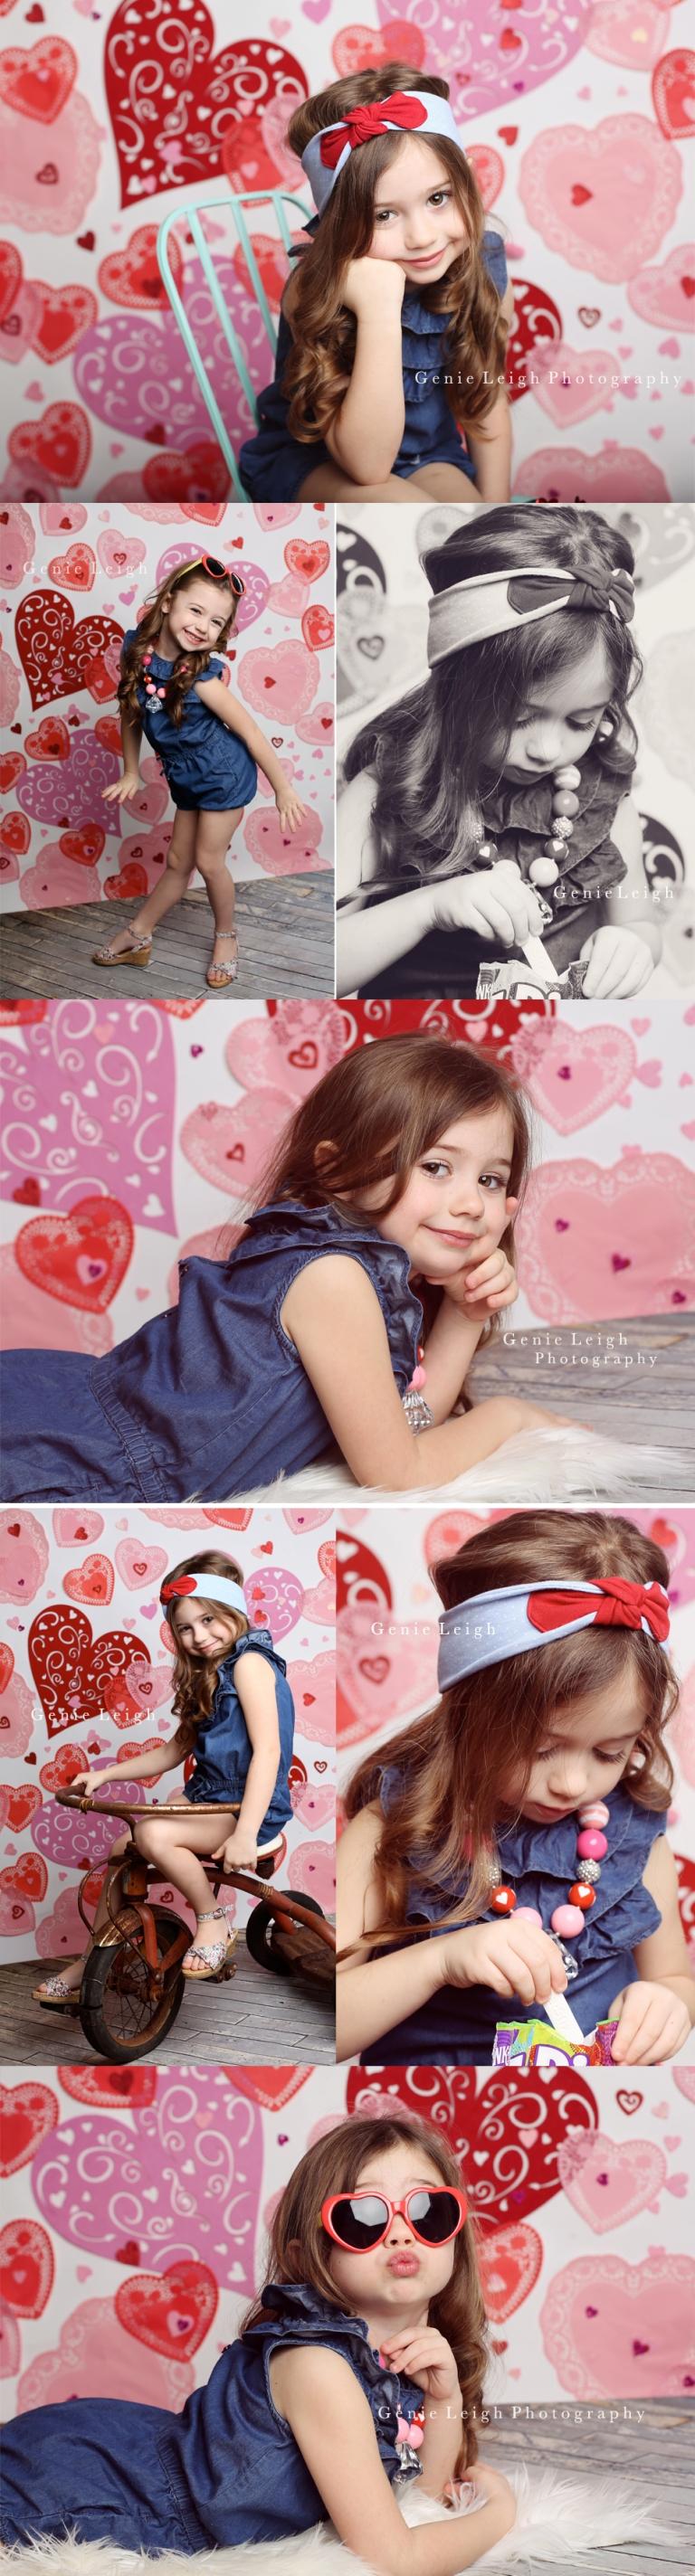 Valentine_GenieLeighPhotography